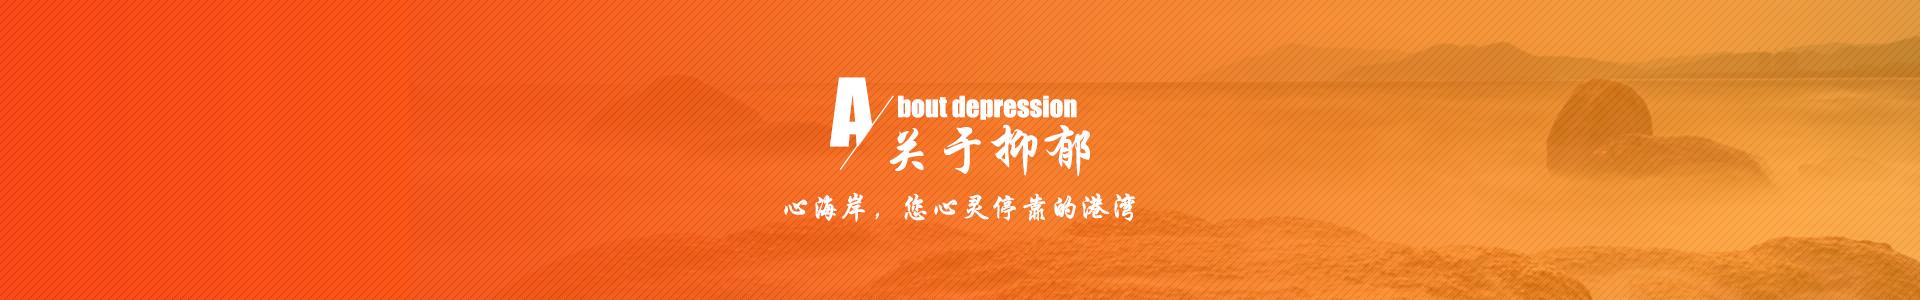 关于抑郁症